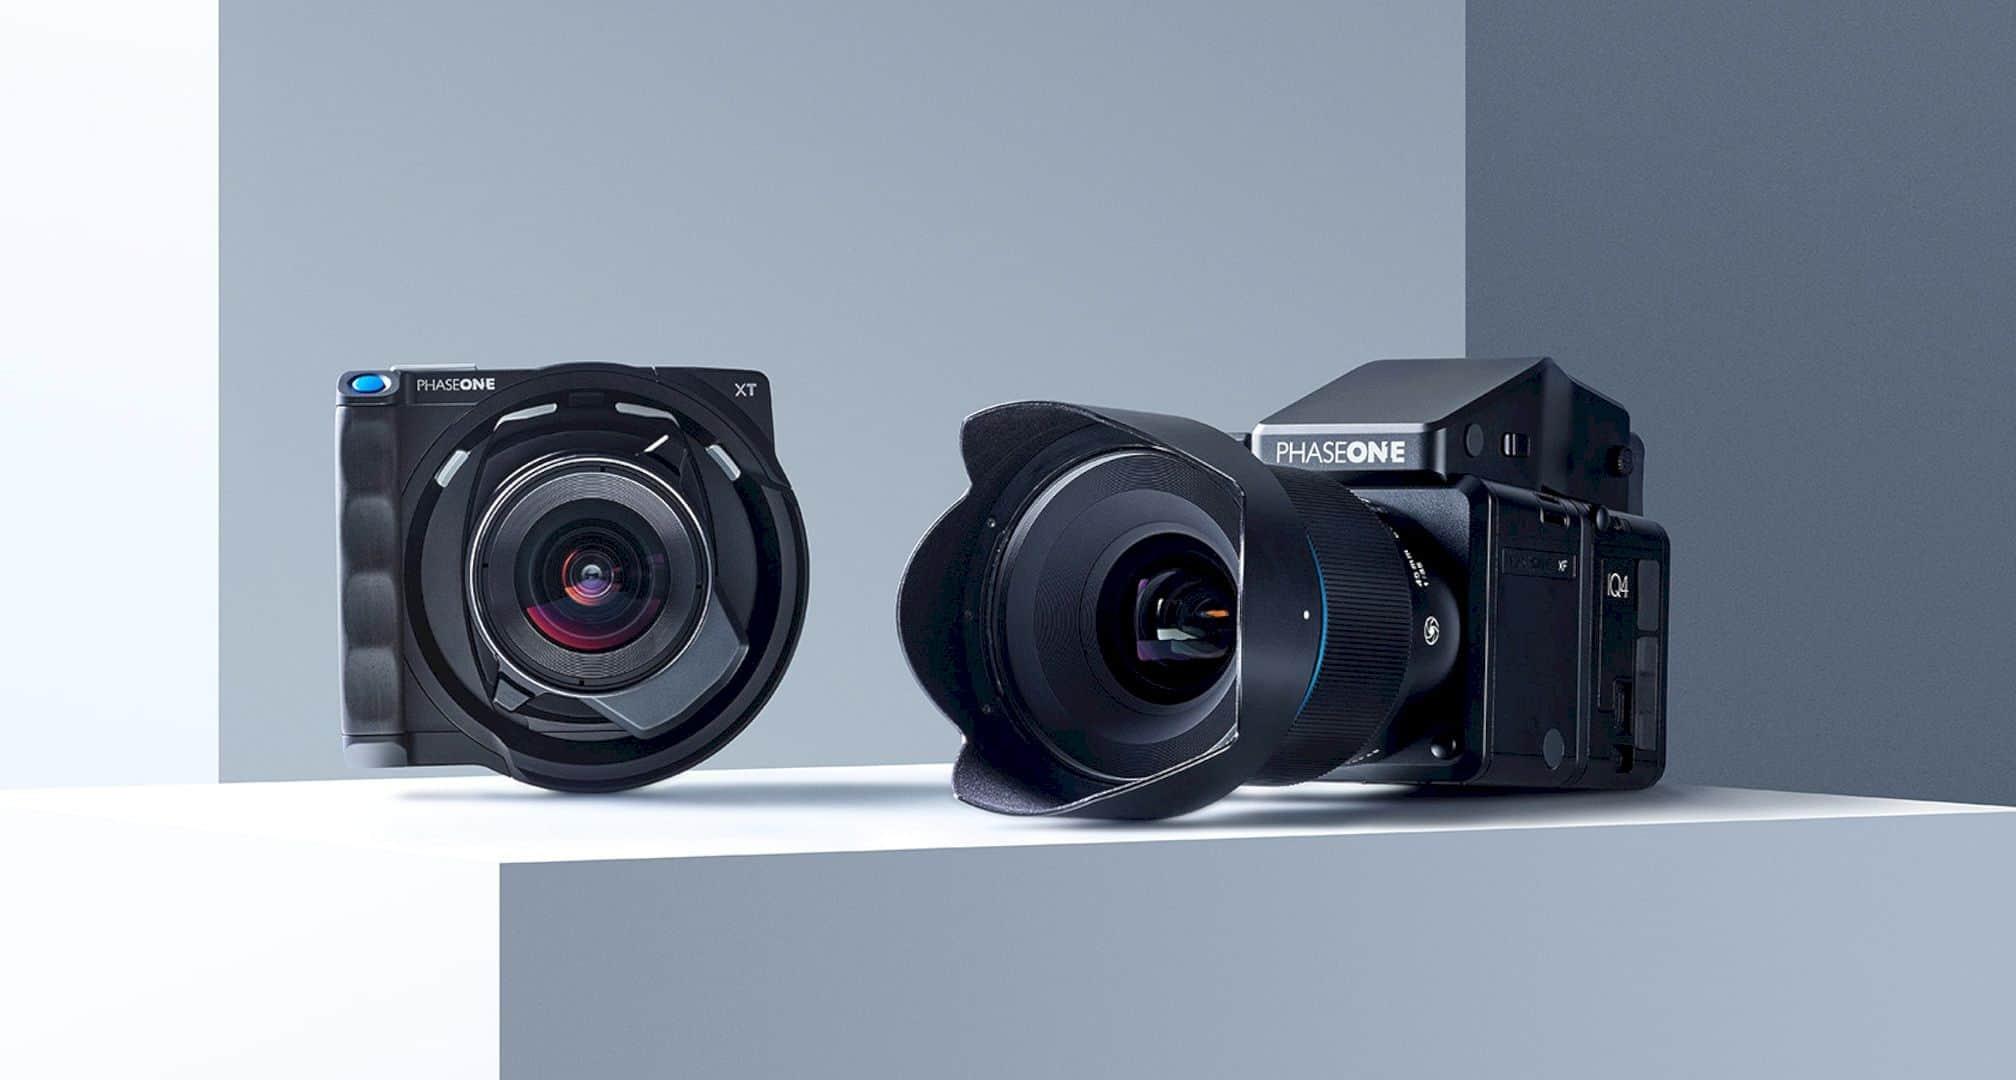 XT Camera System 5